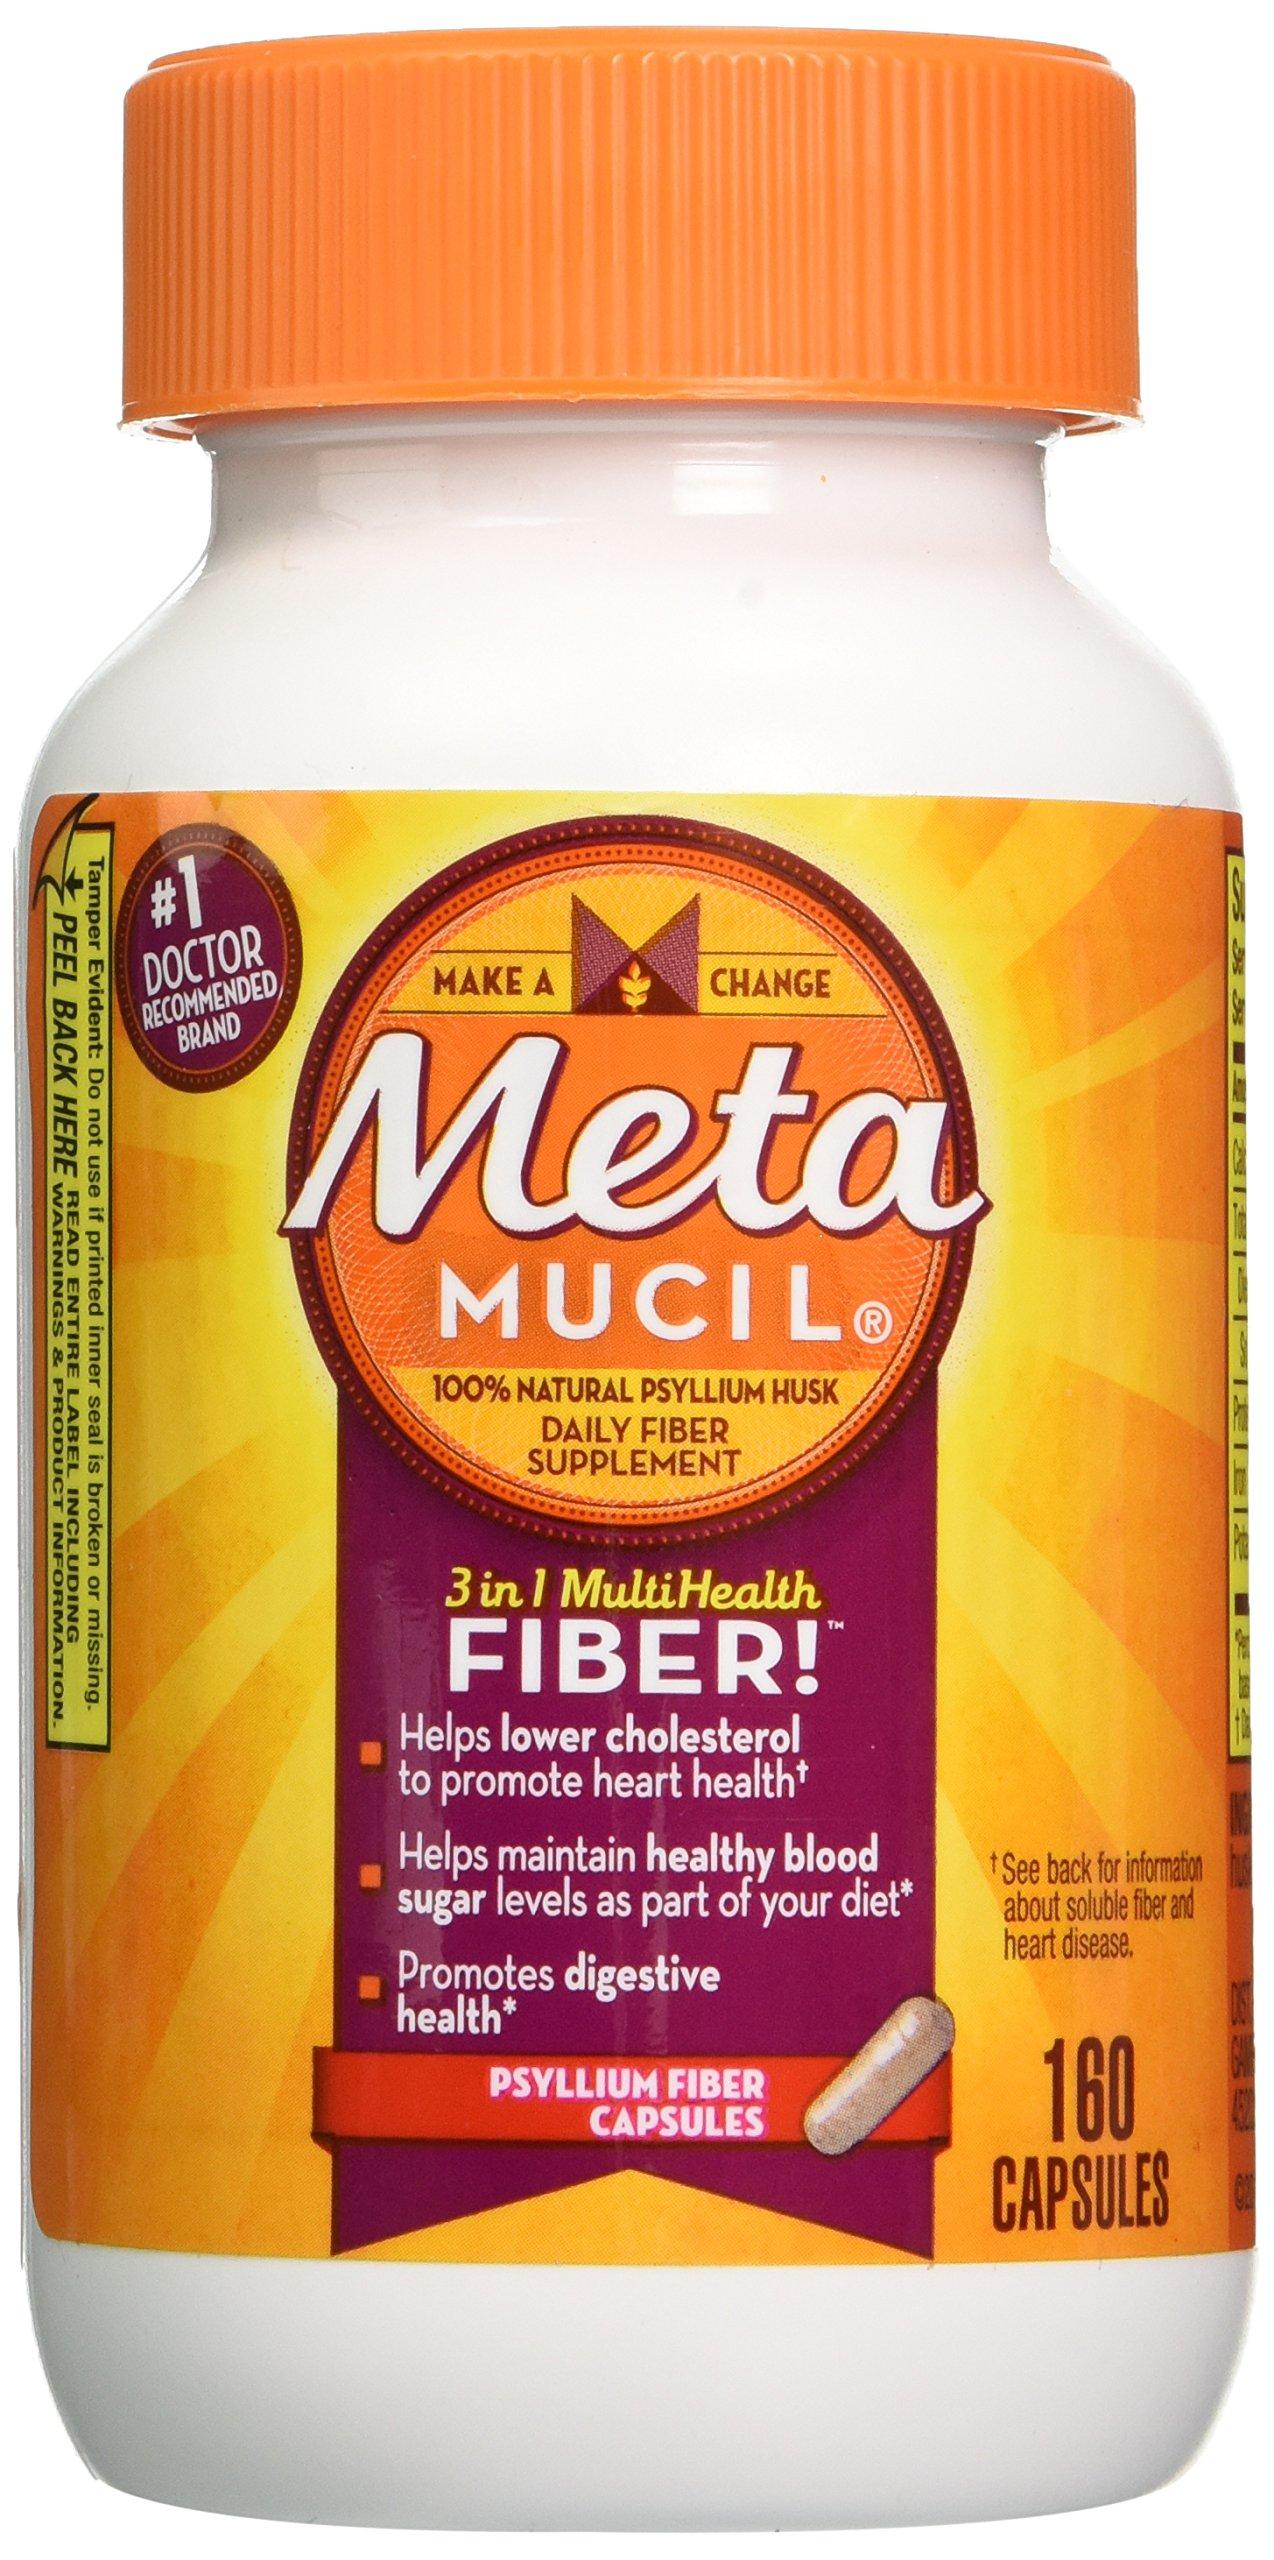 Metamucil 100% Natural Psyllium Fiber Capsules, 160 Count Bottle by Metamucil